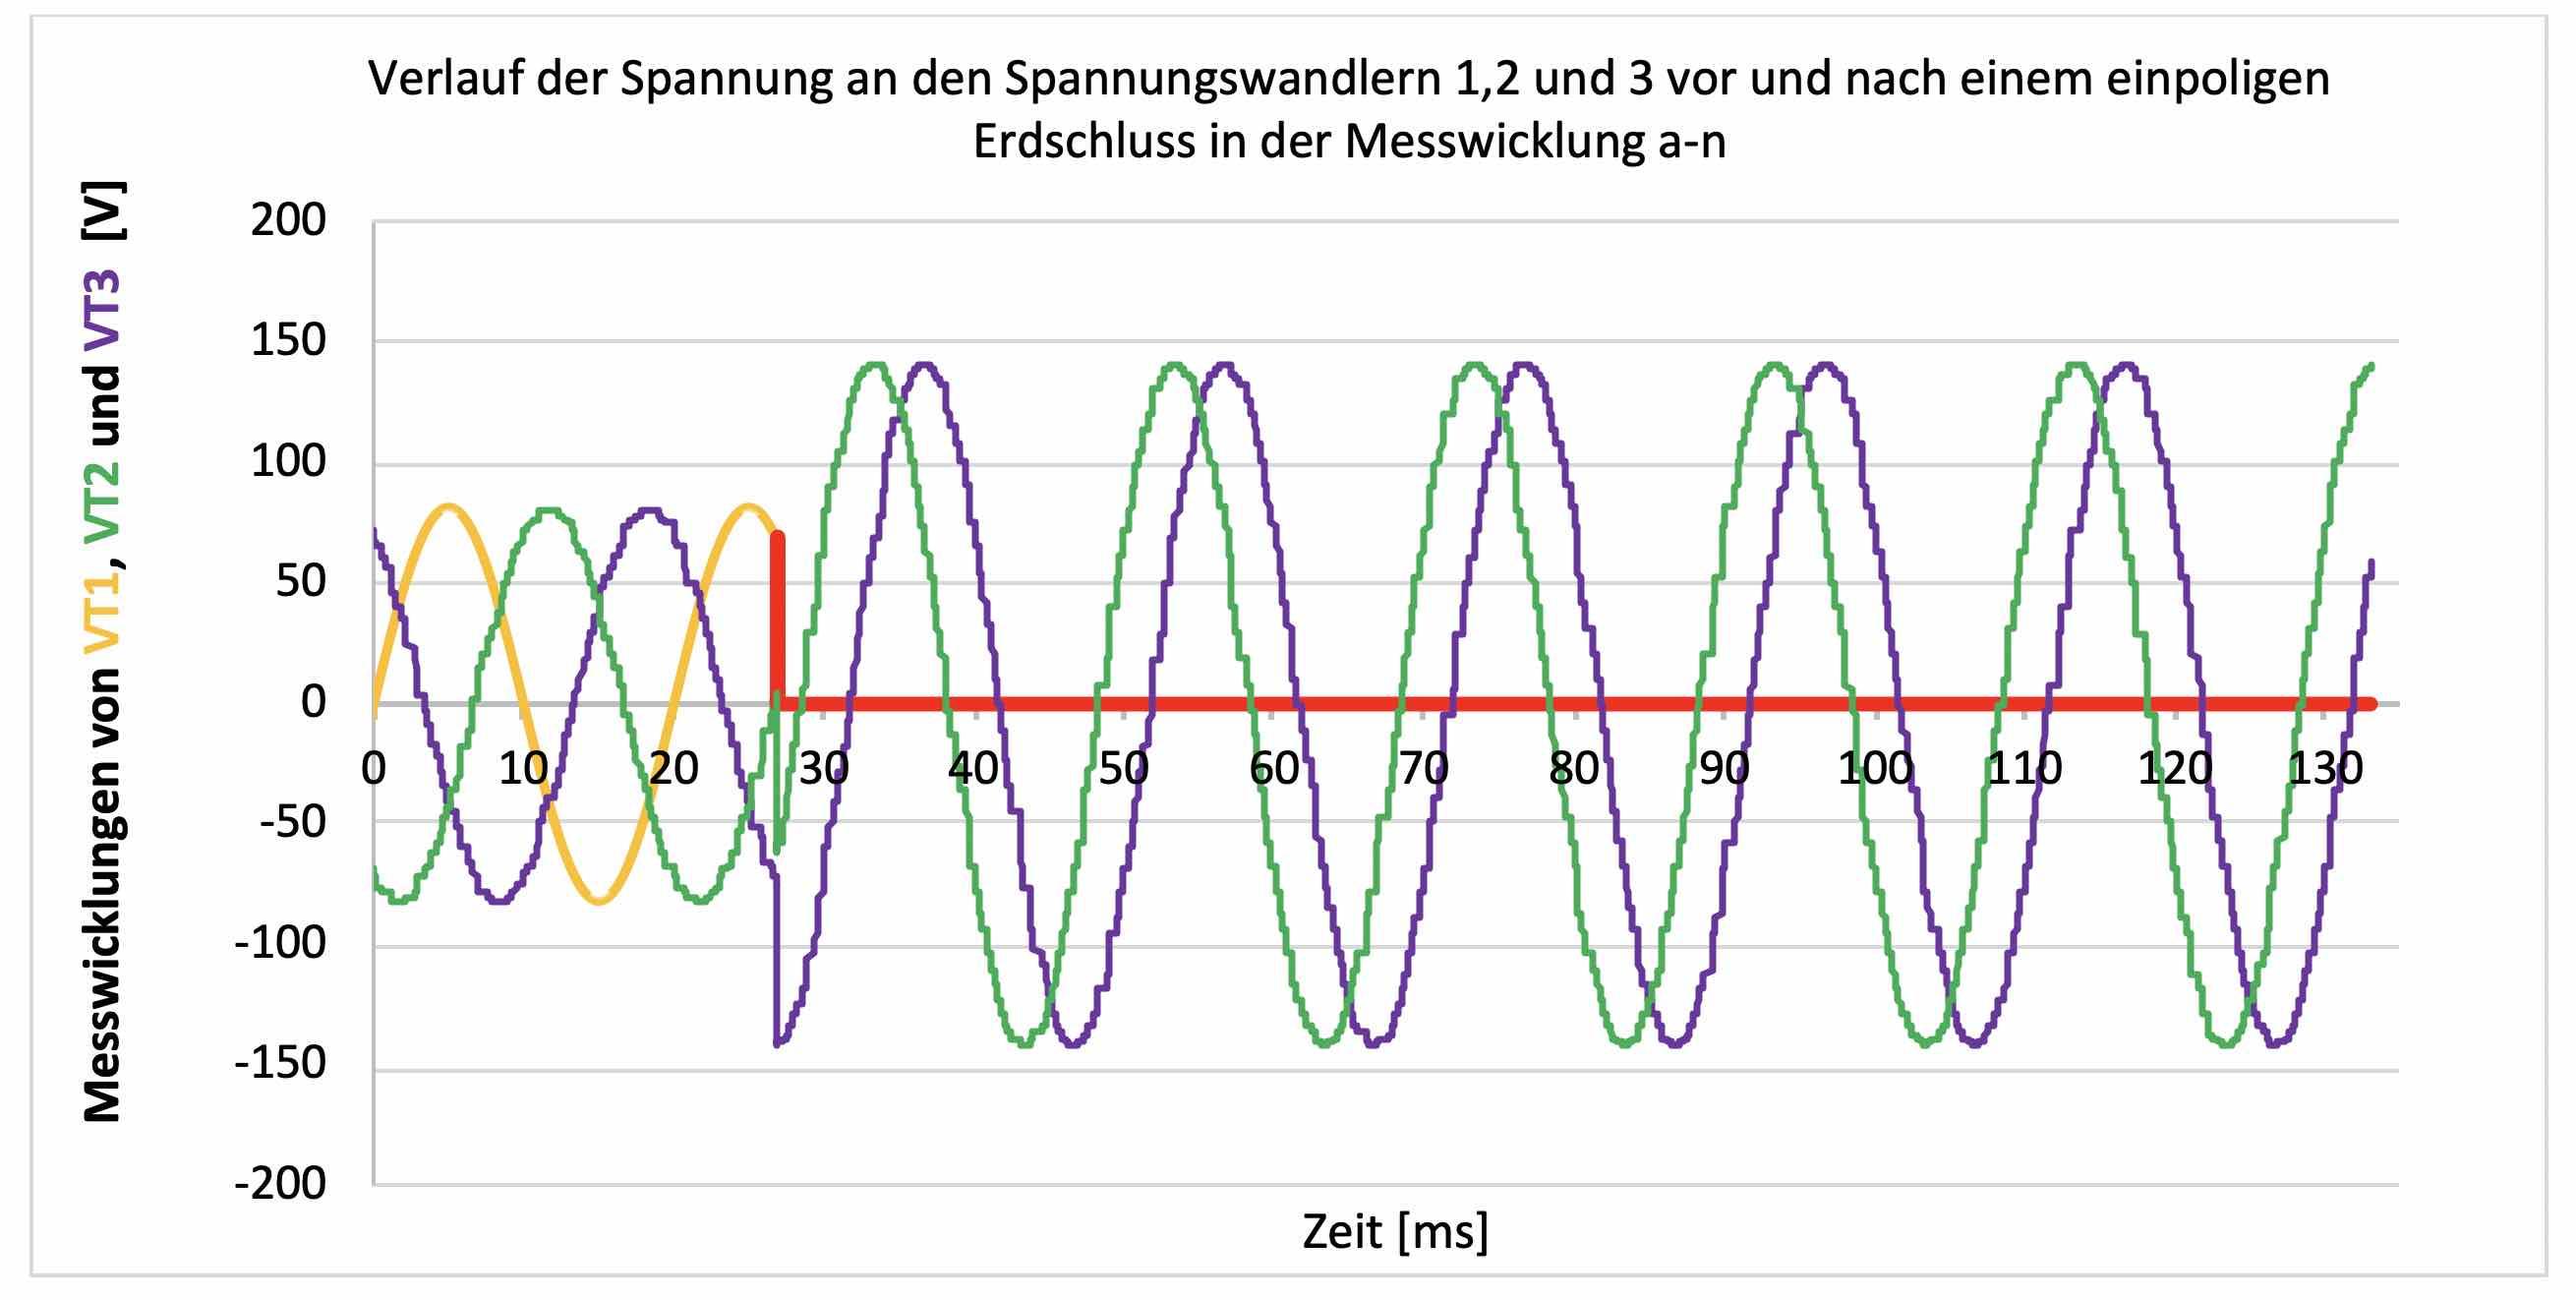 Dreieckswicklung, Erdschlusswicklung, Erdschluss, Spannungswandler, Sternschaltung, Dreieckschaltung, en-Spannung, da-dn-Spannung, Transienter Erdschluss, Ferroresonanzen, Kippschwingungen